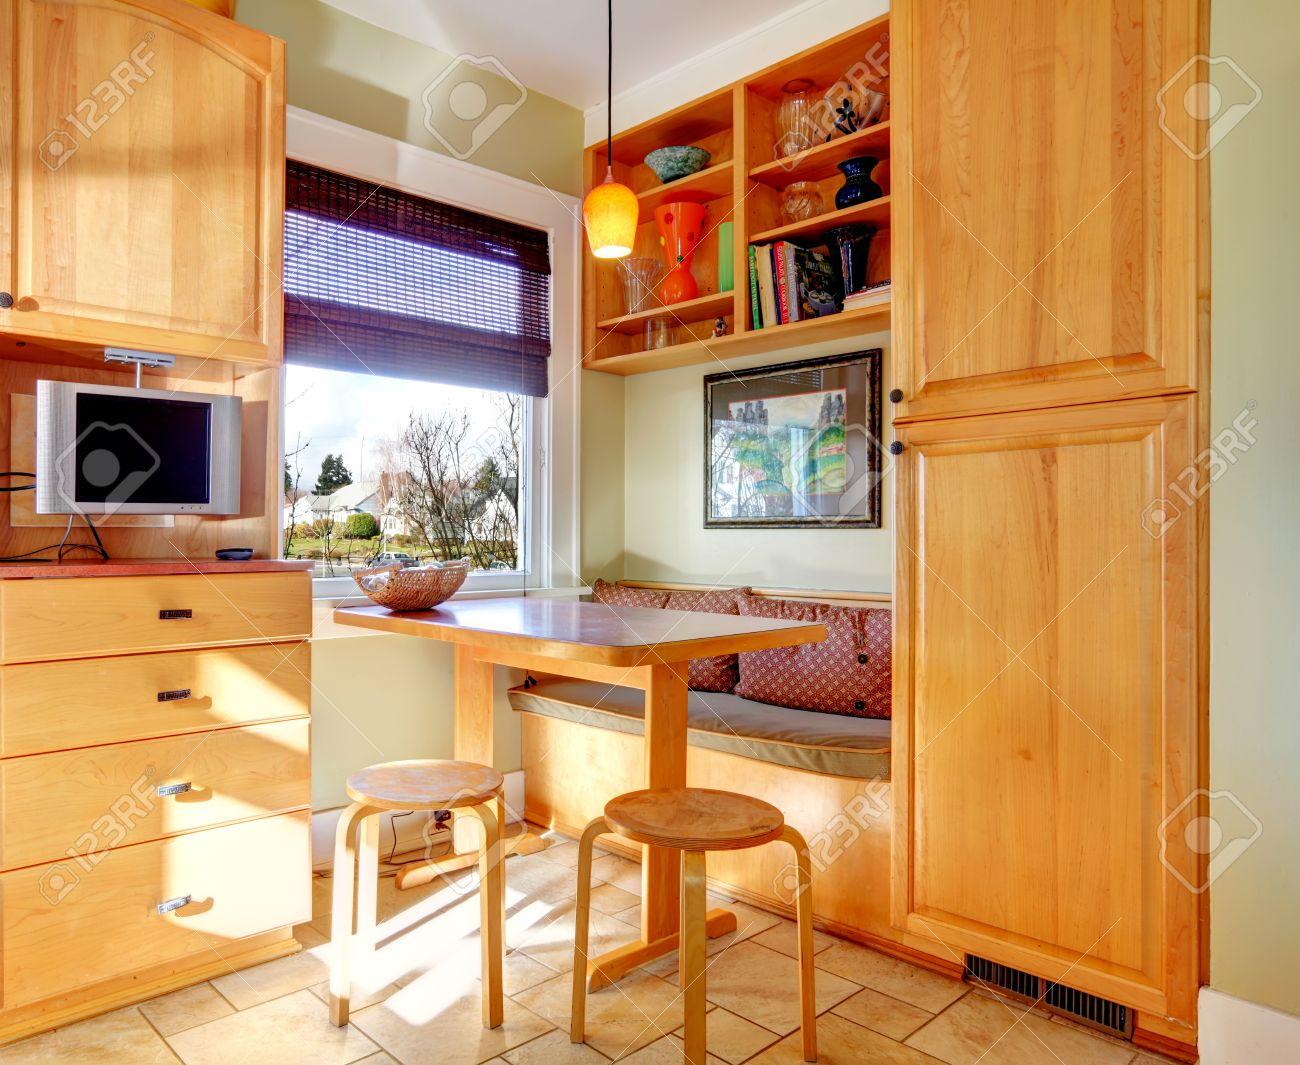 Esquina de la habitación Cocina con muebles de color marrón claro, pequeña  mesa y taburetes.